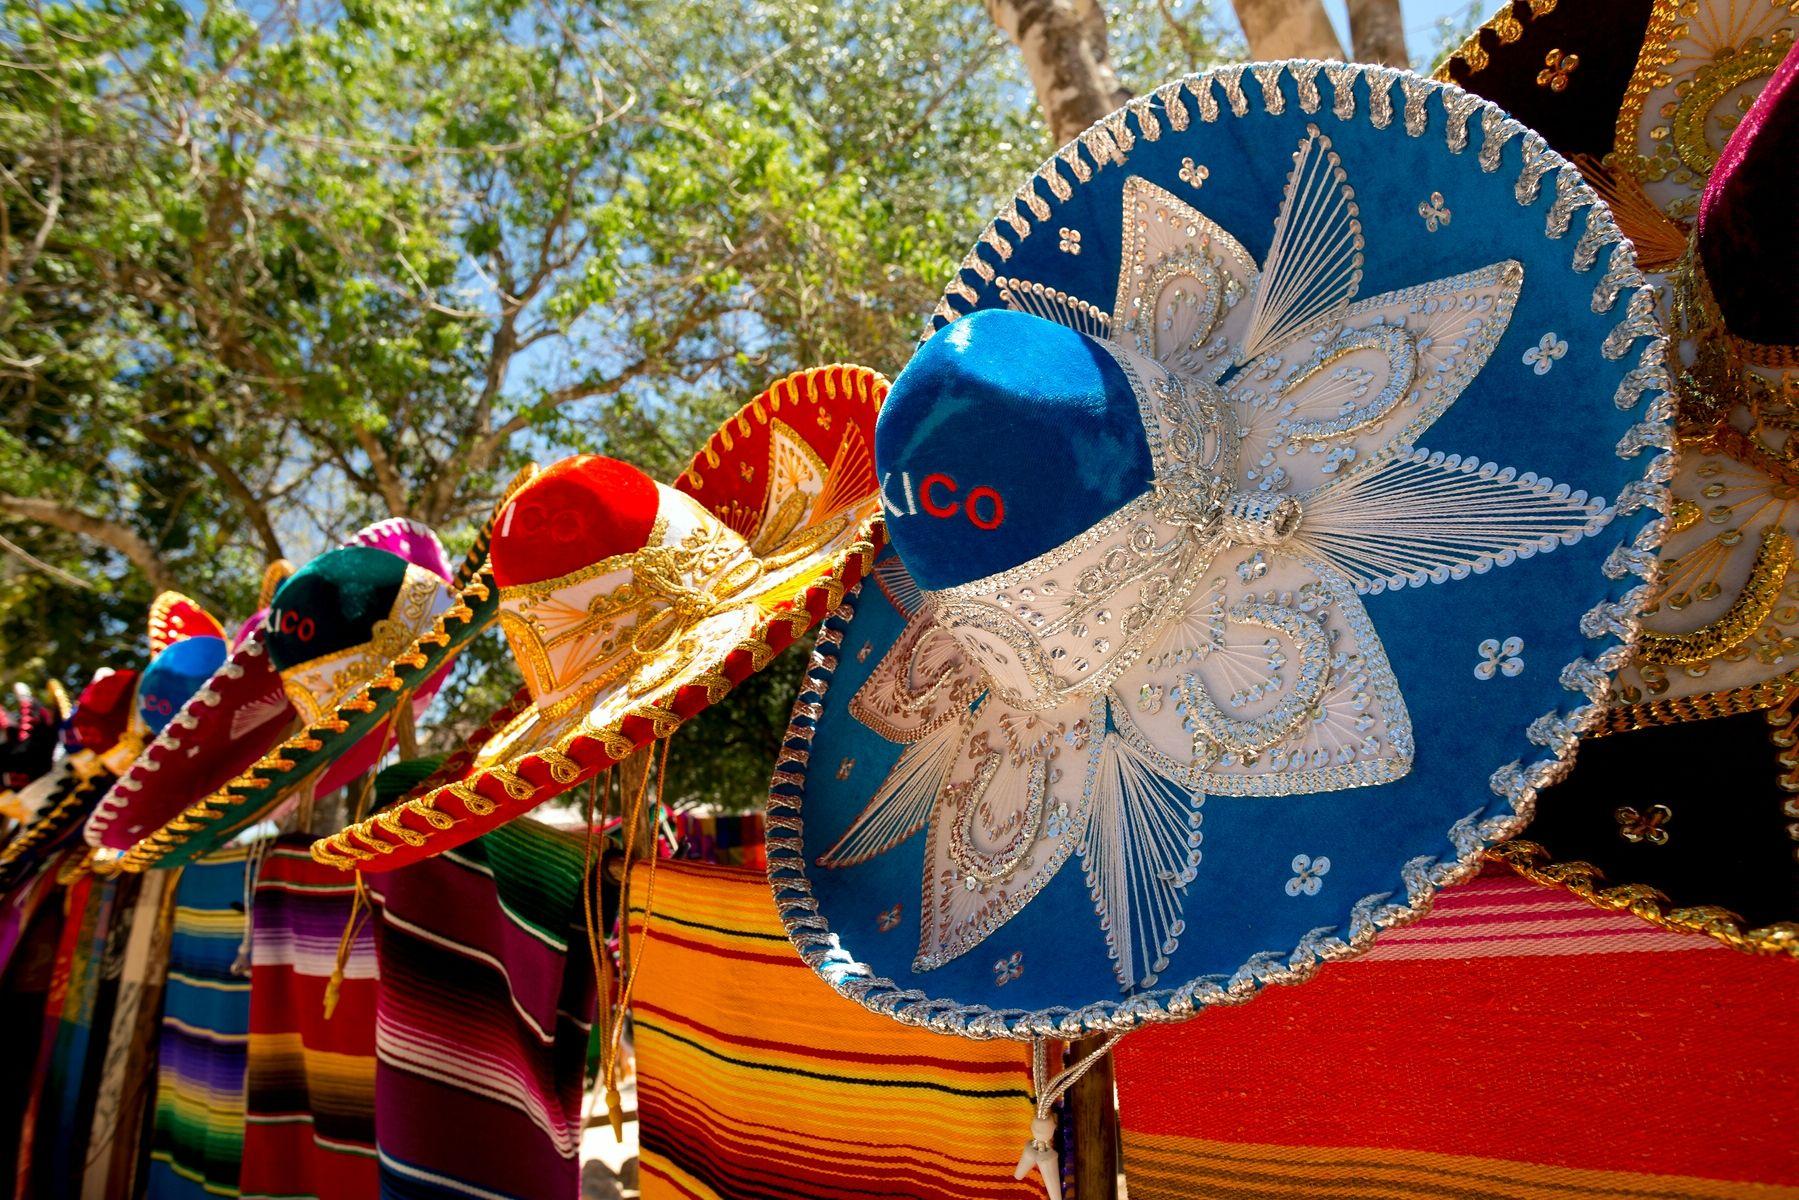 Імперія-Тур | Що привезти із Мексики: вибираємо сувеніри